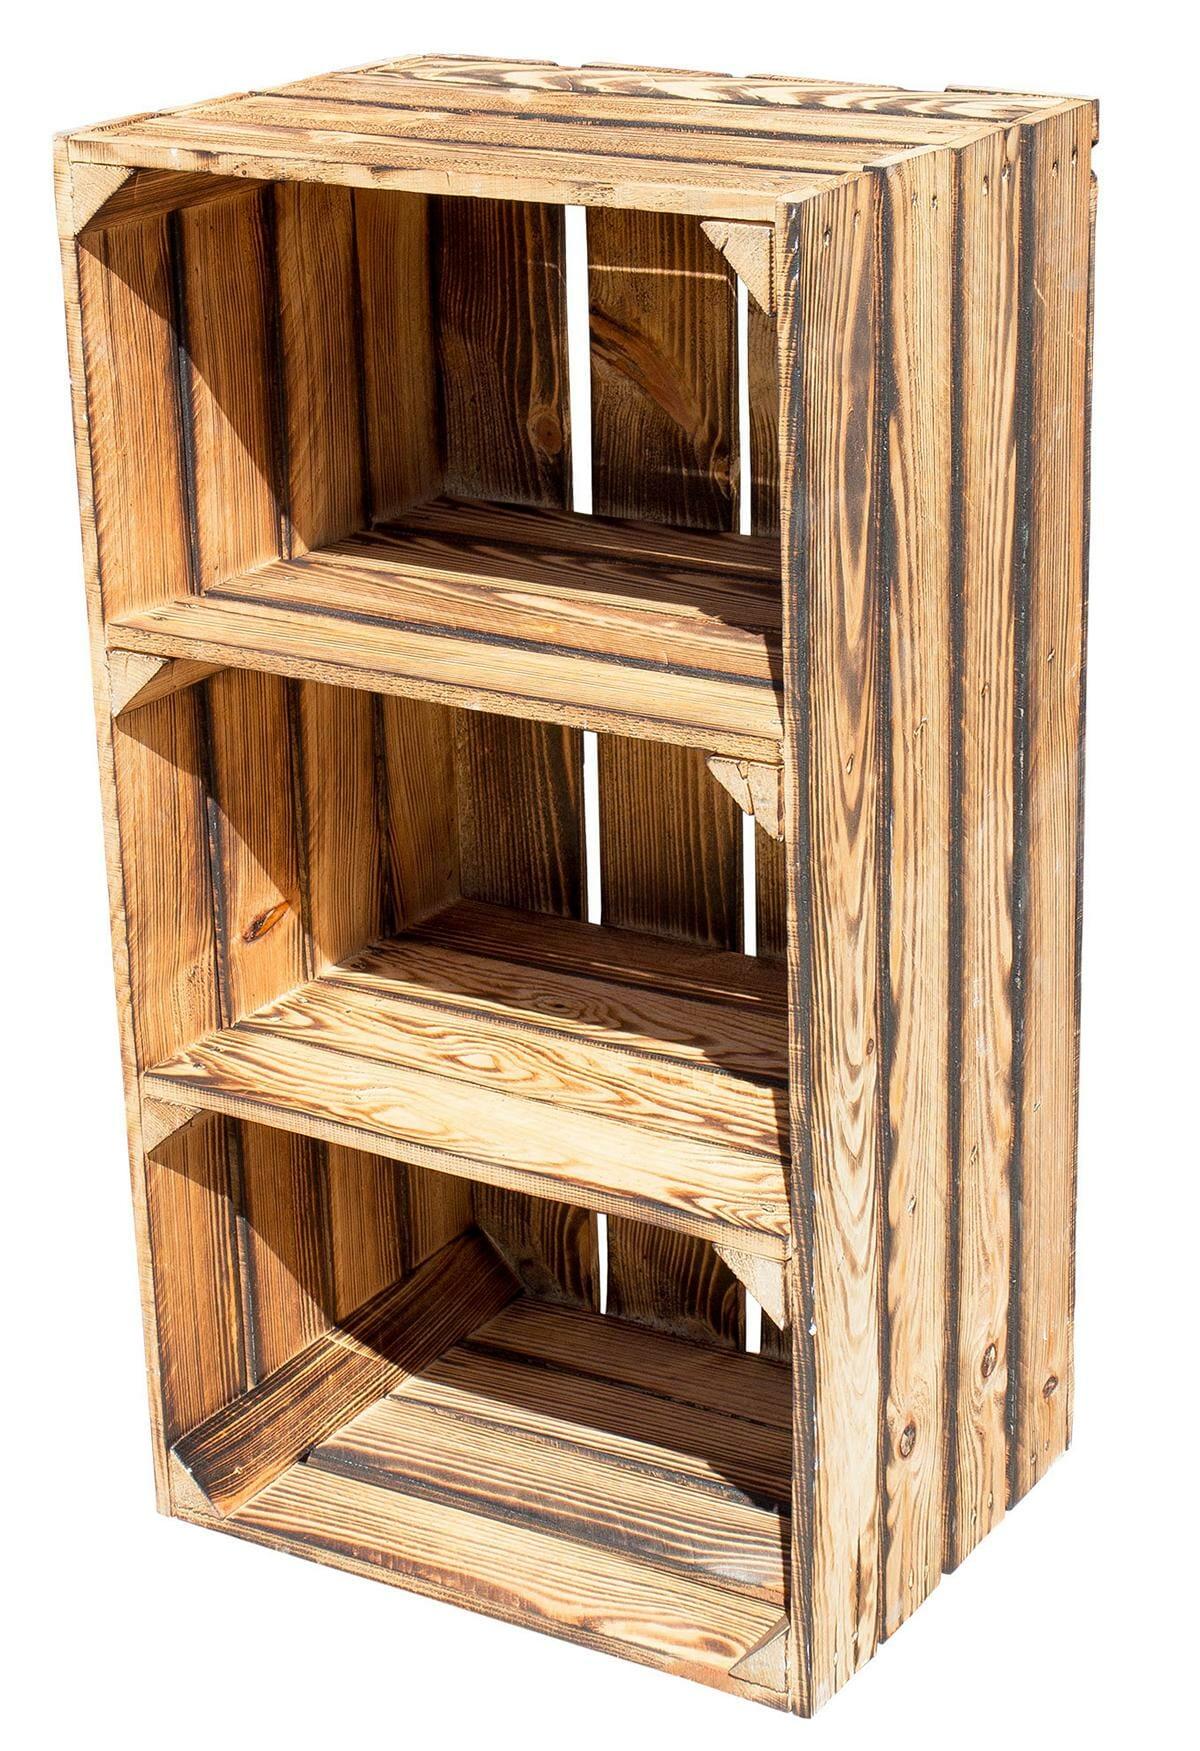 gro es obstkisten regal mit 2 regalb den vintage. Black Bedroom Furniture Sets. Home Design Ideas